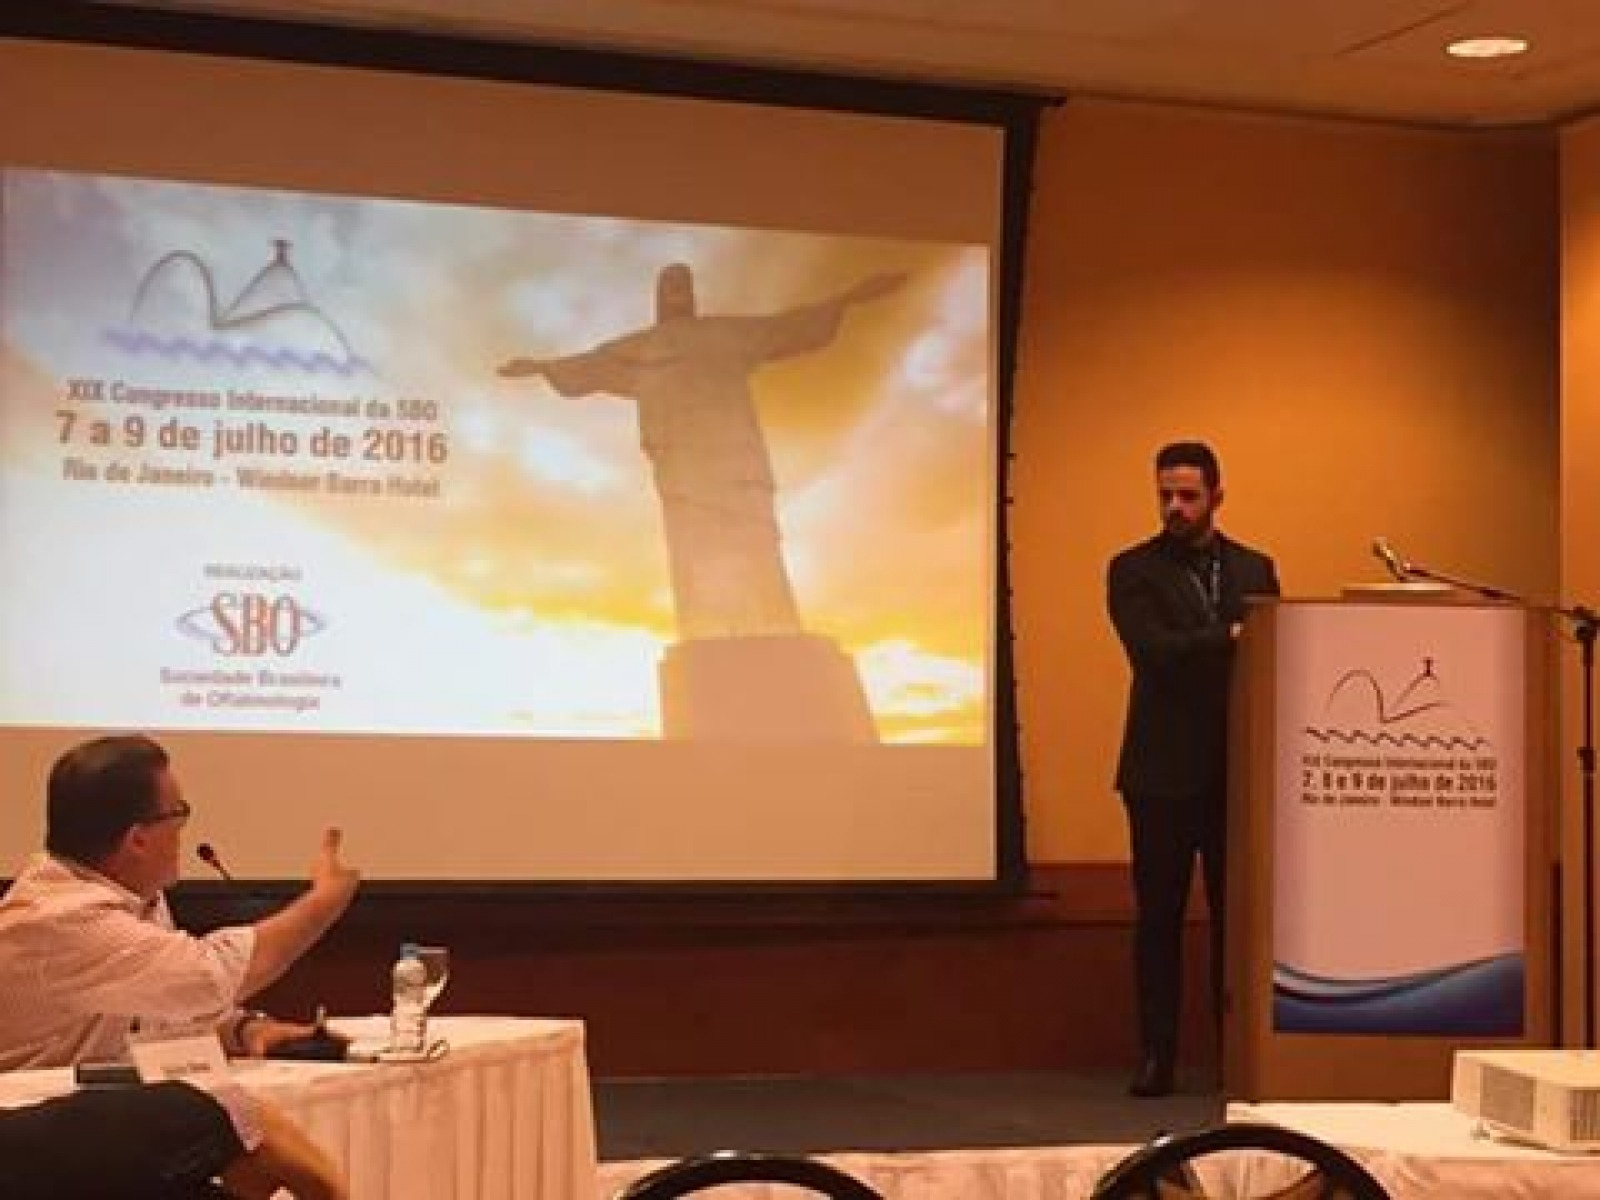 XIX Congresso Internacional da Sociedade Brasileira de Oftalmologia